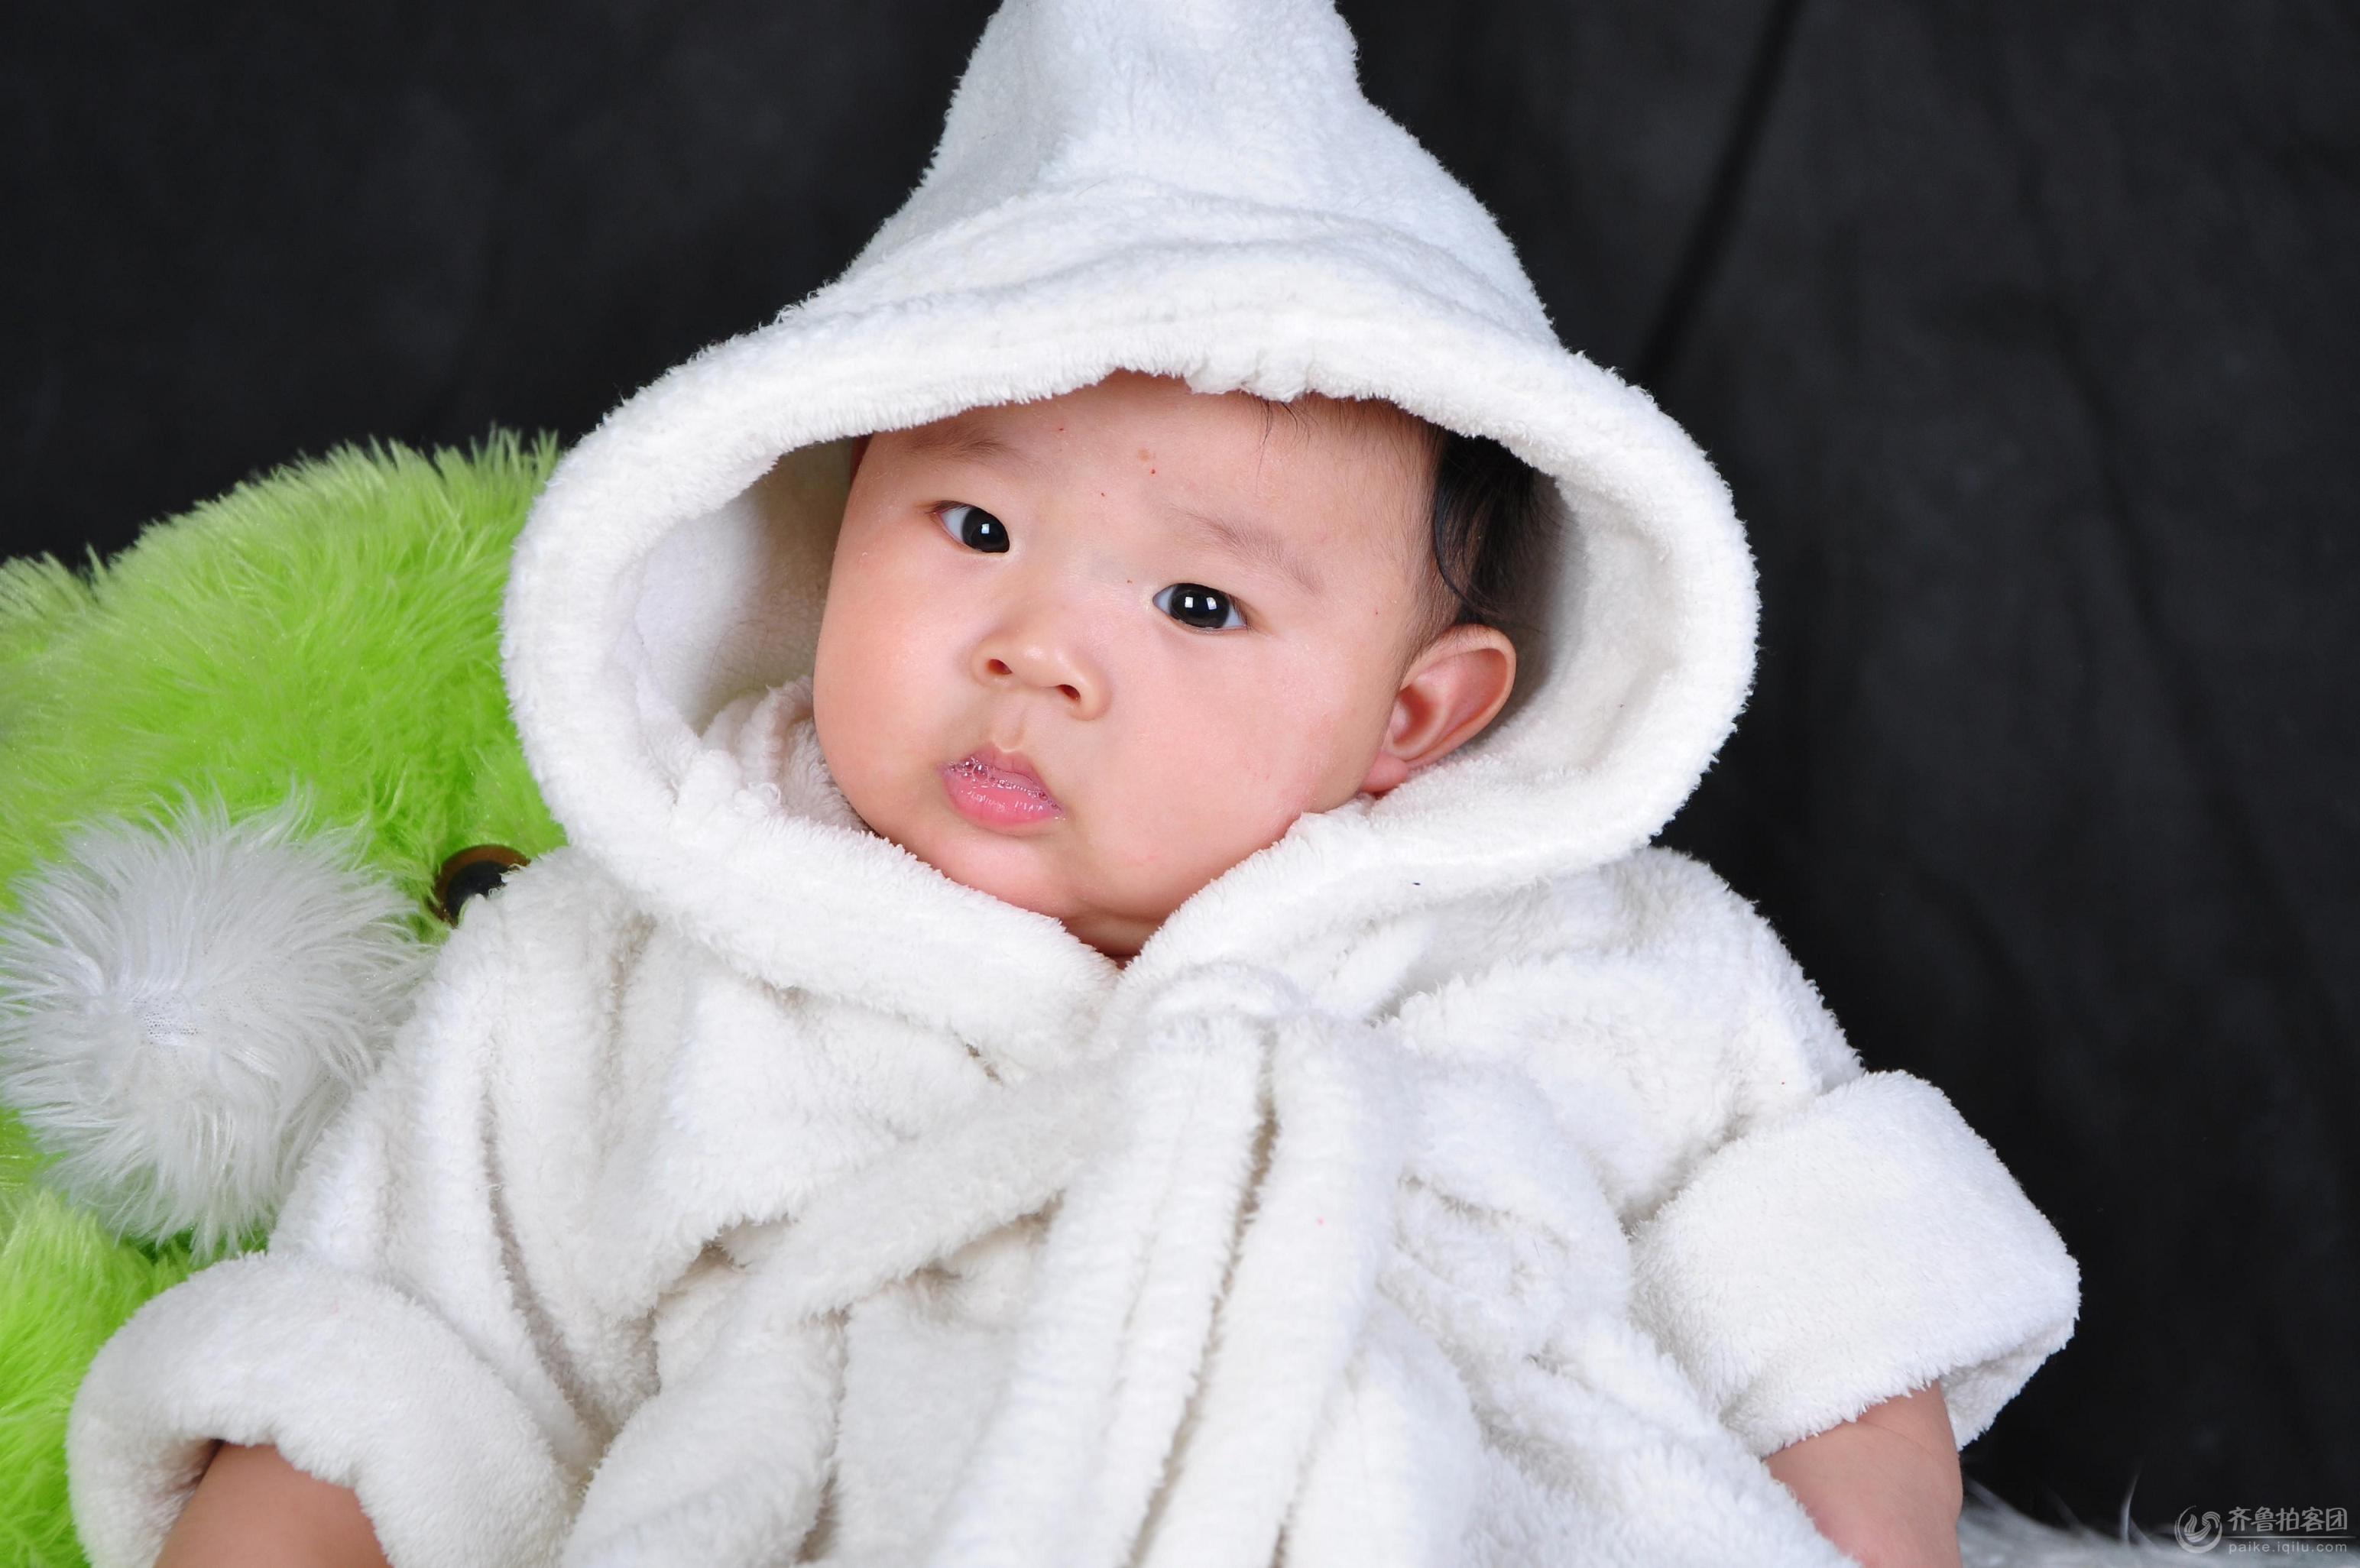 八个月宝宝的灿烂笑脸 - 当头炮宝宝秀 - 齐鲁社区 - 山东最大的城市生活社区,山东广播电视台官方社区!